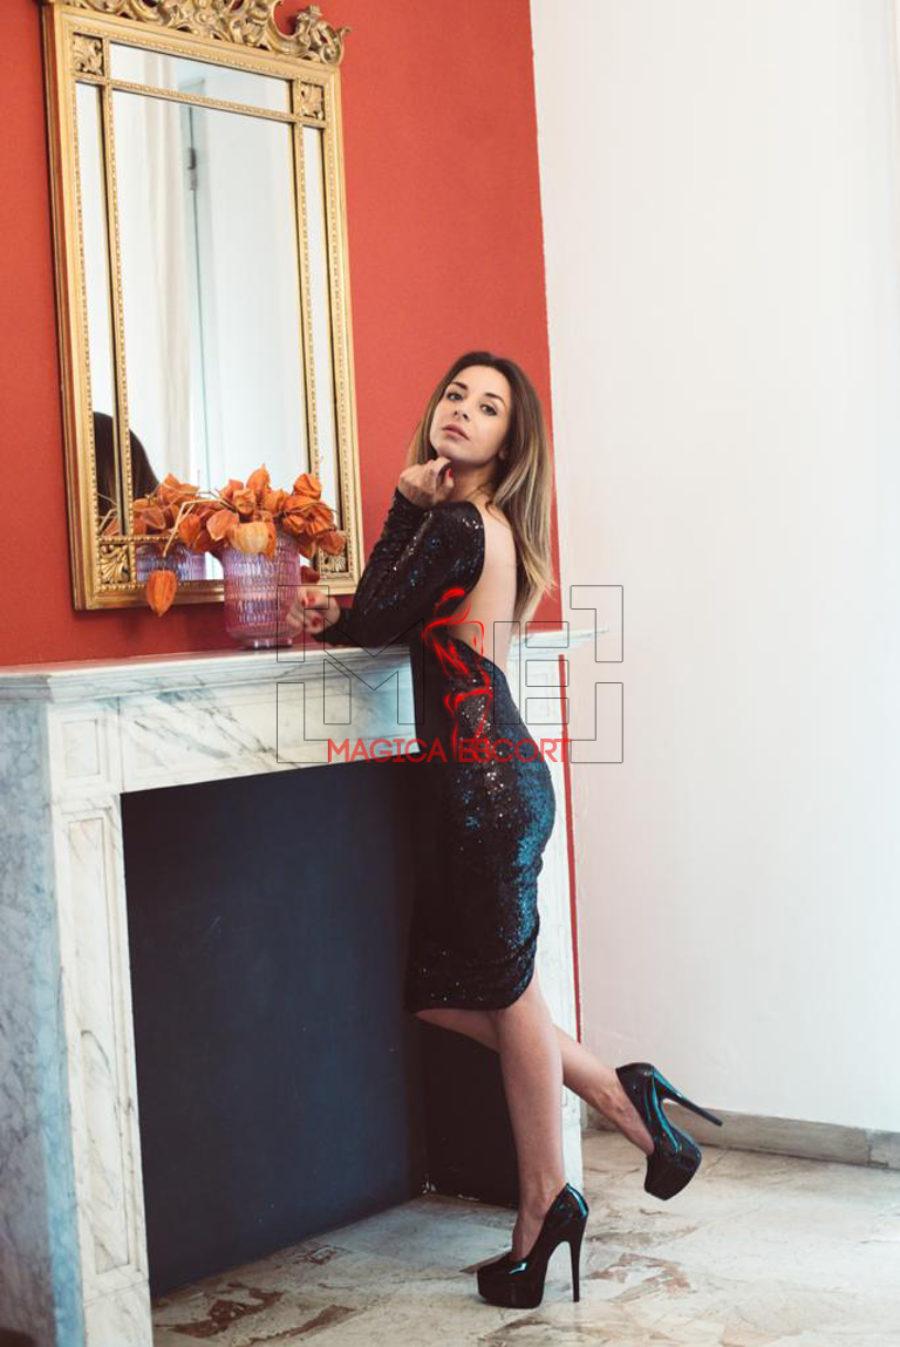 Cami top class girl Bologna indossa un abito da sera dalla profonda scollatura sulla schiena. Magica Escort